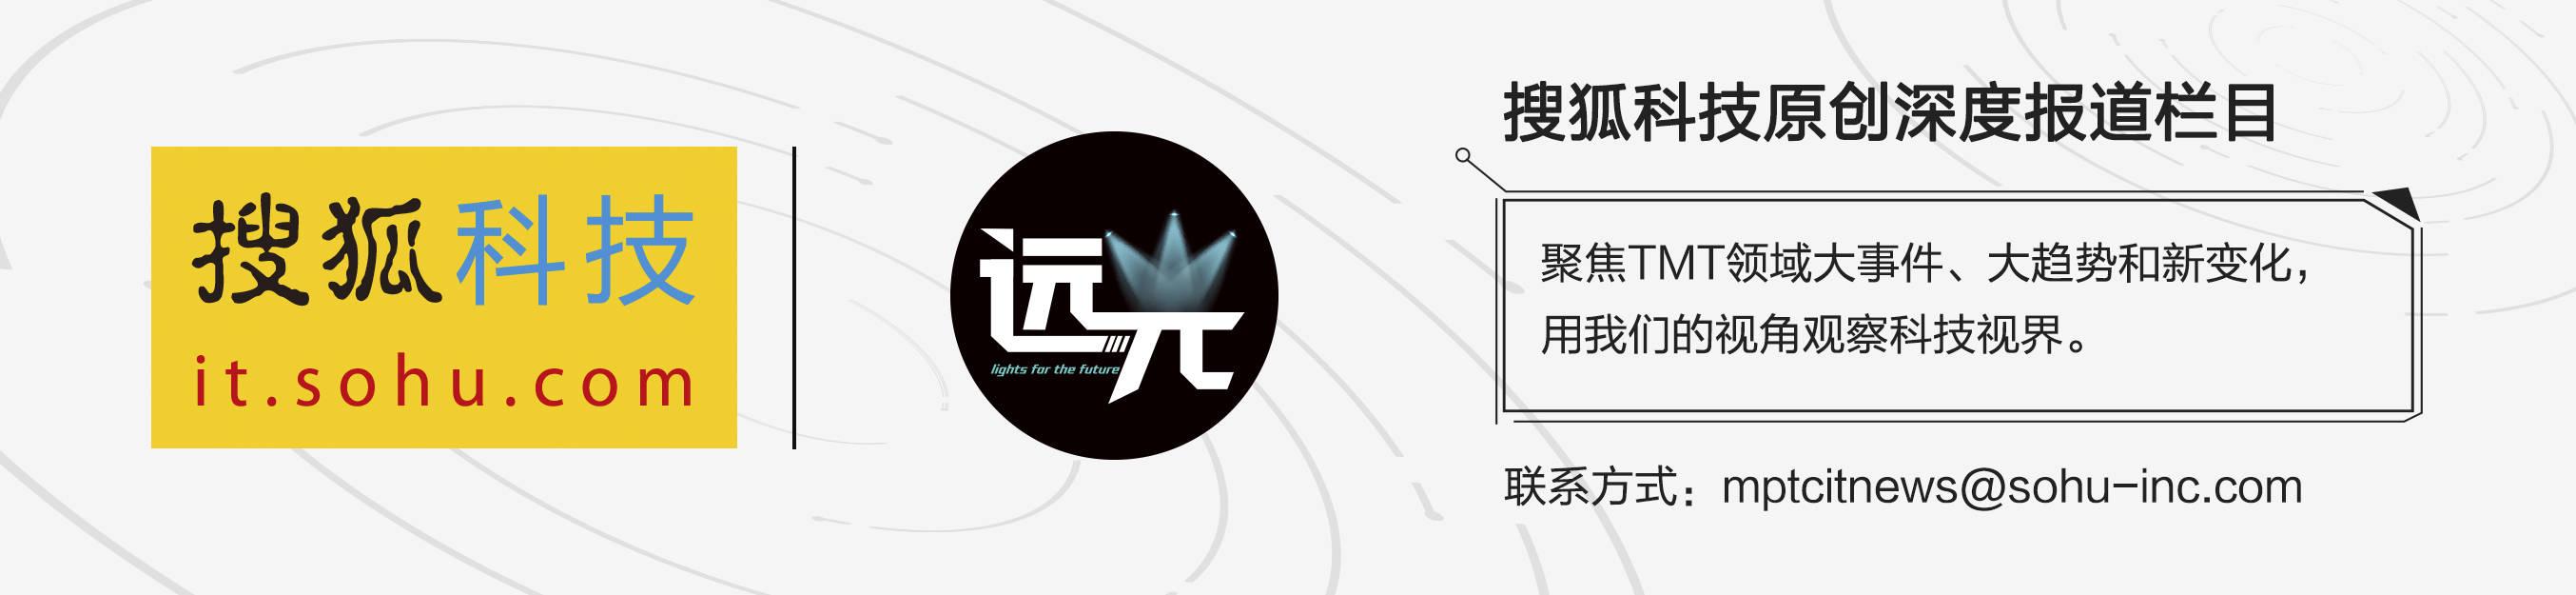 滴滴正式发起维权 起诉性侵表演者及涉黄平台